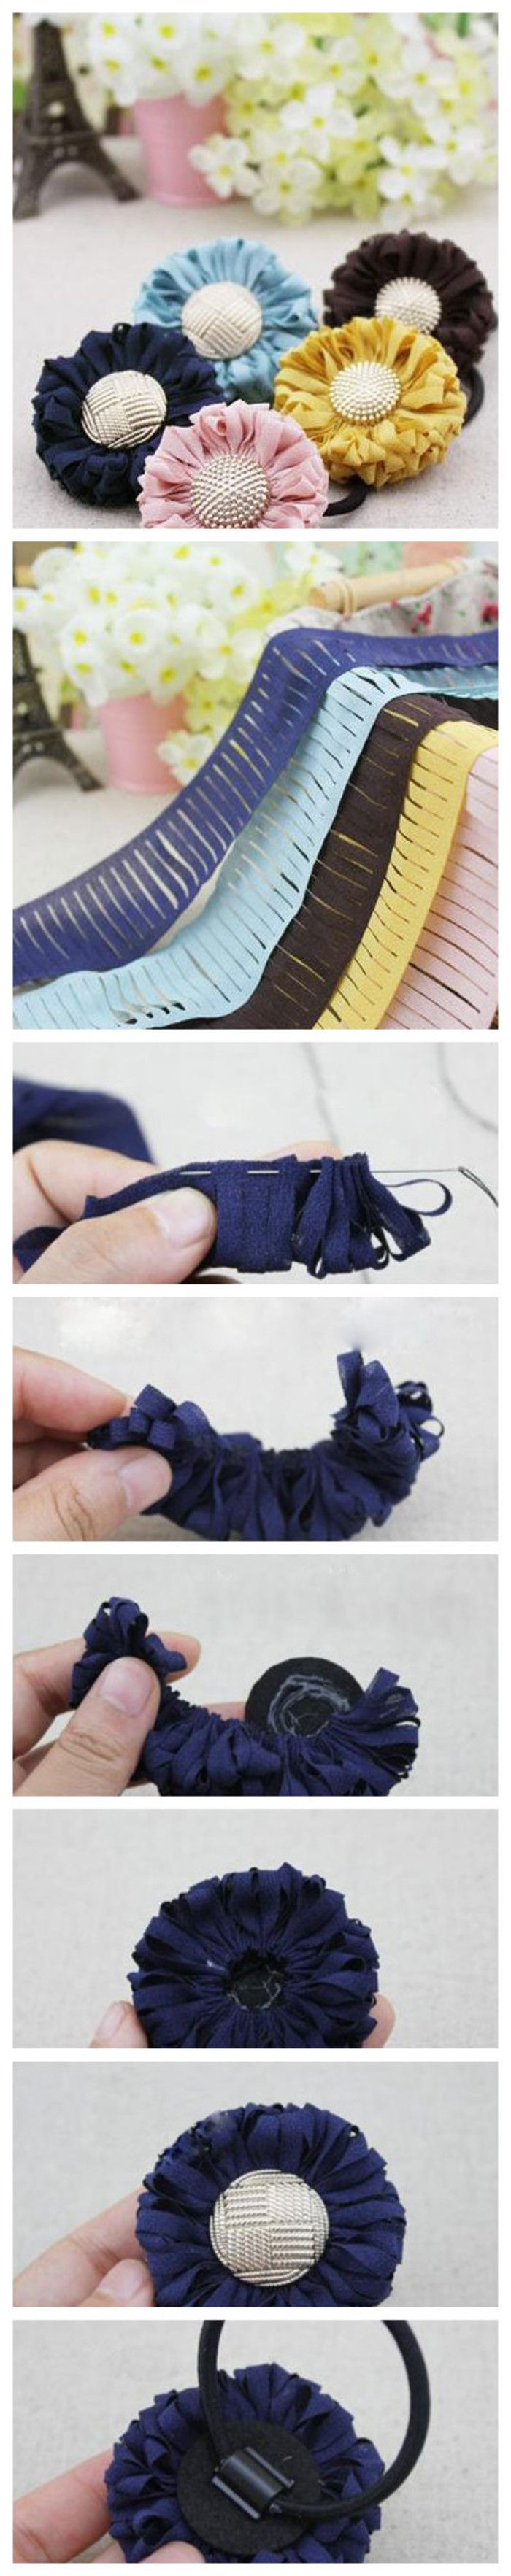 自制可爱的太阳花发圈的方法图解 材料:不织布 剪刀 针线 胶水 饰物 将不织布剪成如上图所示的样子,中间剪成这样子的一段段。 将布条对折,然后用针线缝起来,针距5mm为佳。 如果想要花朵大一点,可以稍微抽松一点,盘圈大一点;如果想要花朵小一点,可以稍微抽紧一点,盘圈小一点。 想要做大一点的发饰的话,中间孔留大一点;想要做小一点的话,中间孔留小一点。 <br />花朵大一点,搭配25mm扣子;花朵小一点,搭配20mm扣子。图中搭配的是25mm的扣子。 <br />再加上发圈就OK了。